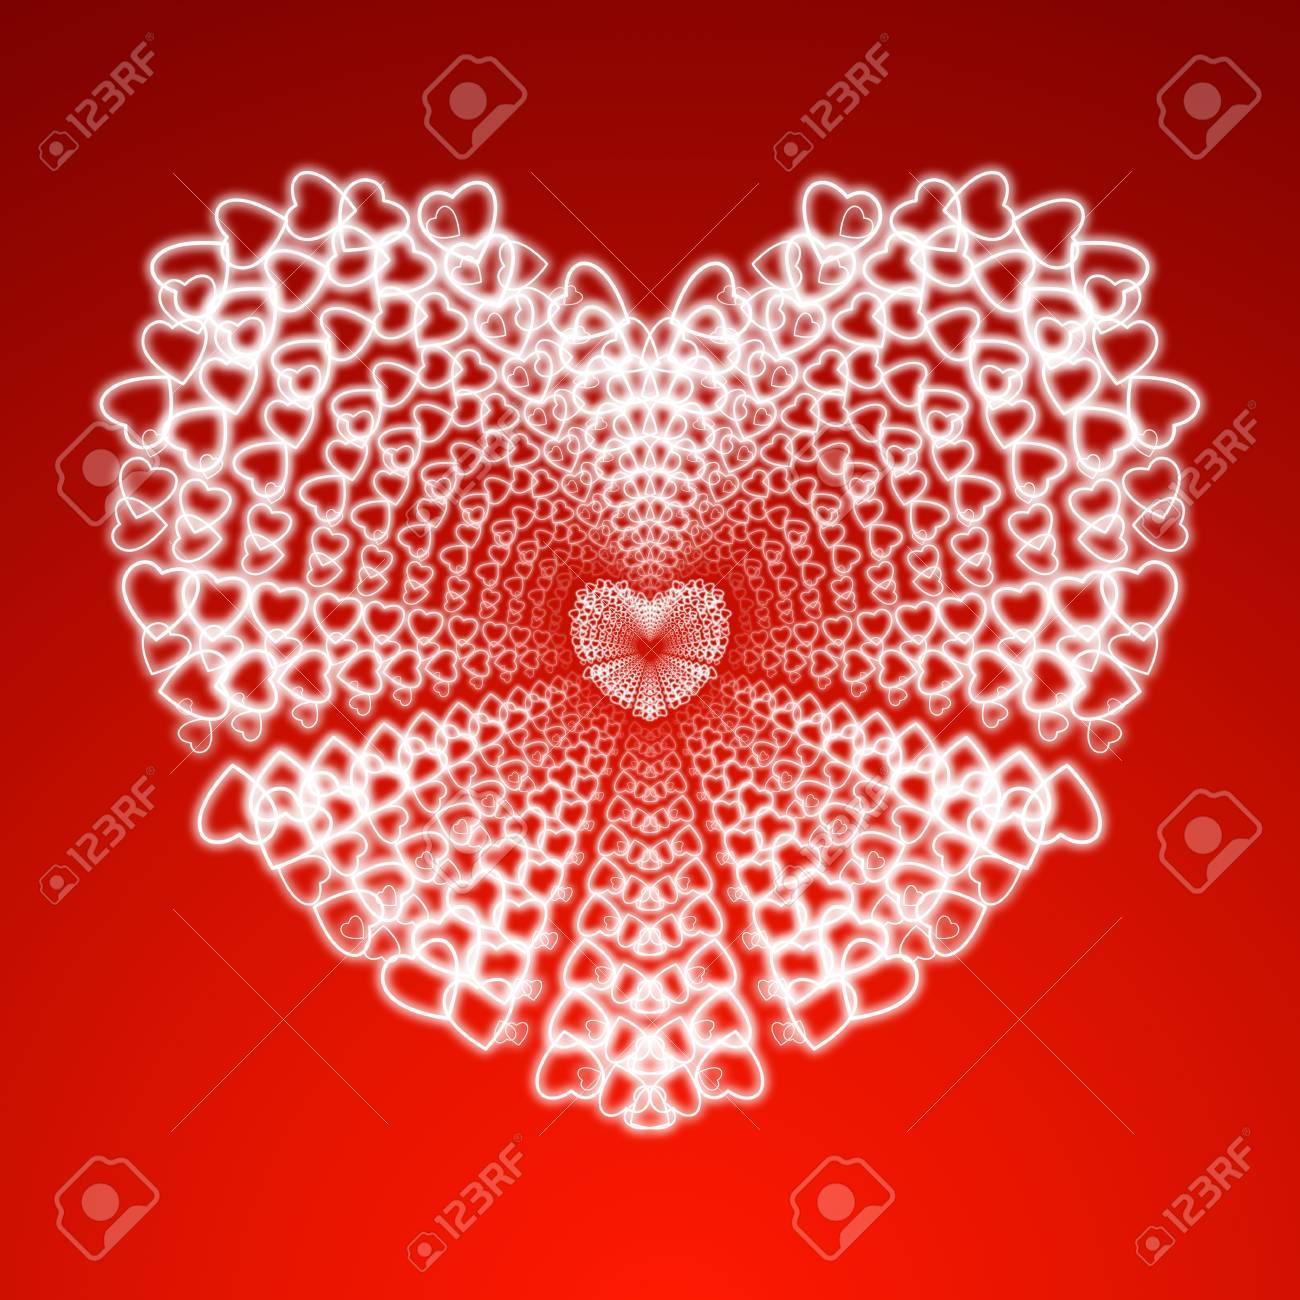 heart illustration Stock Photo - 17455453